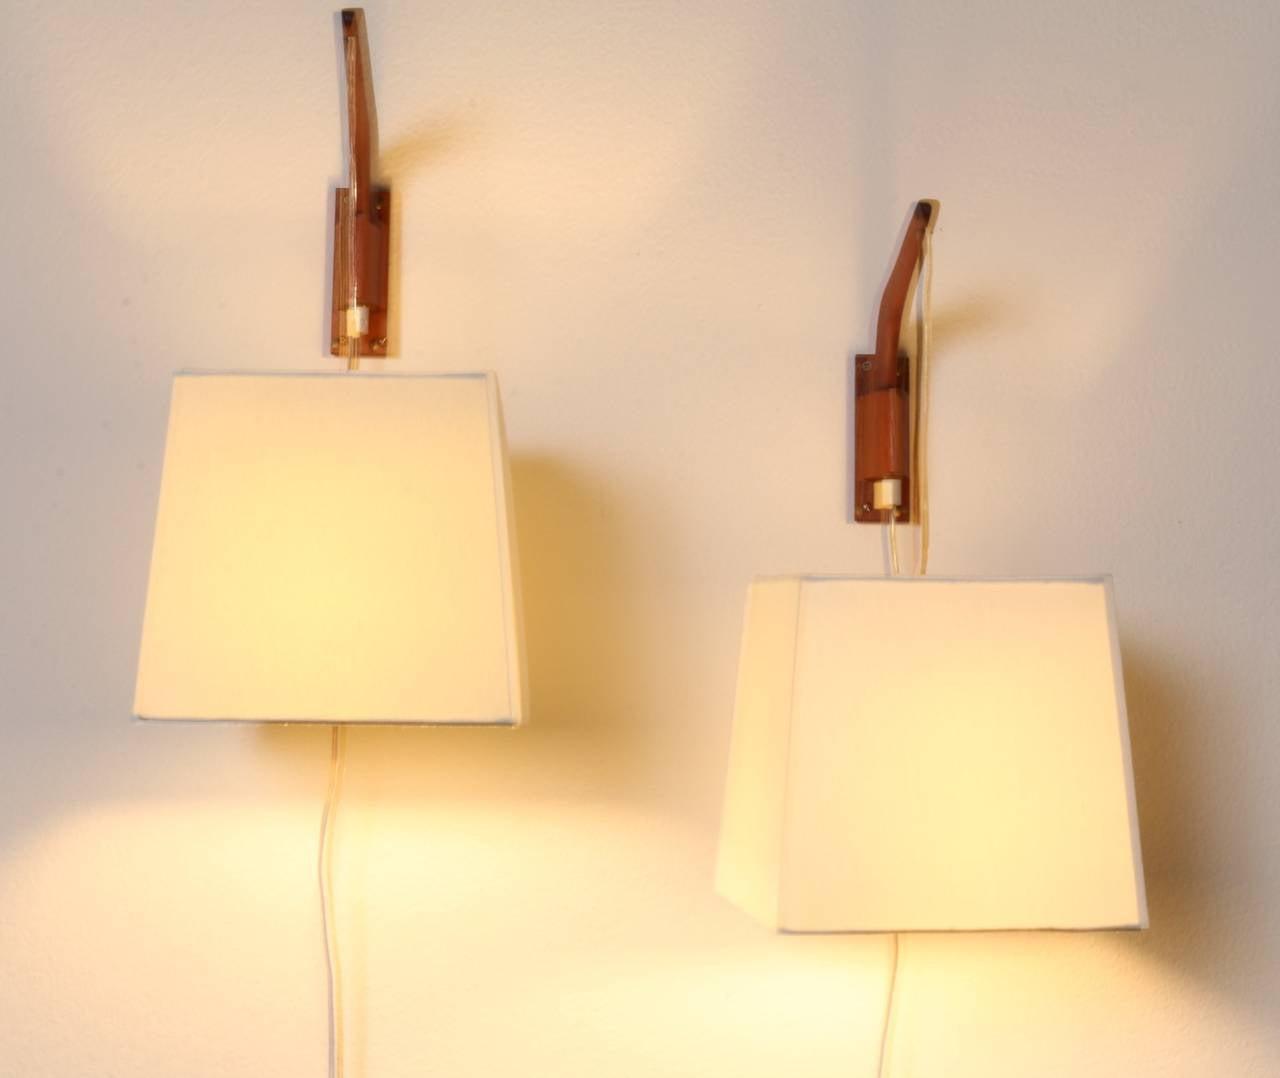 Wall Hanging Lamp Shades : Danish Modern Hanging Lamps with Original Shades at 1stdibs